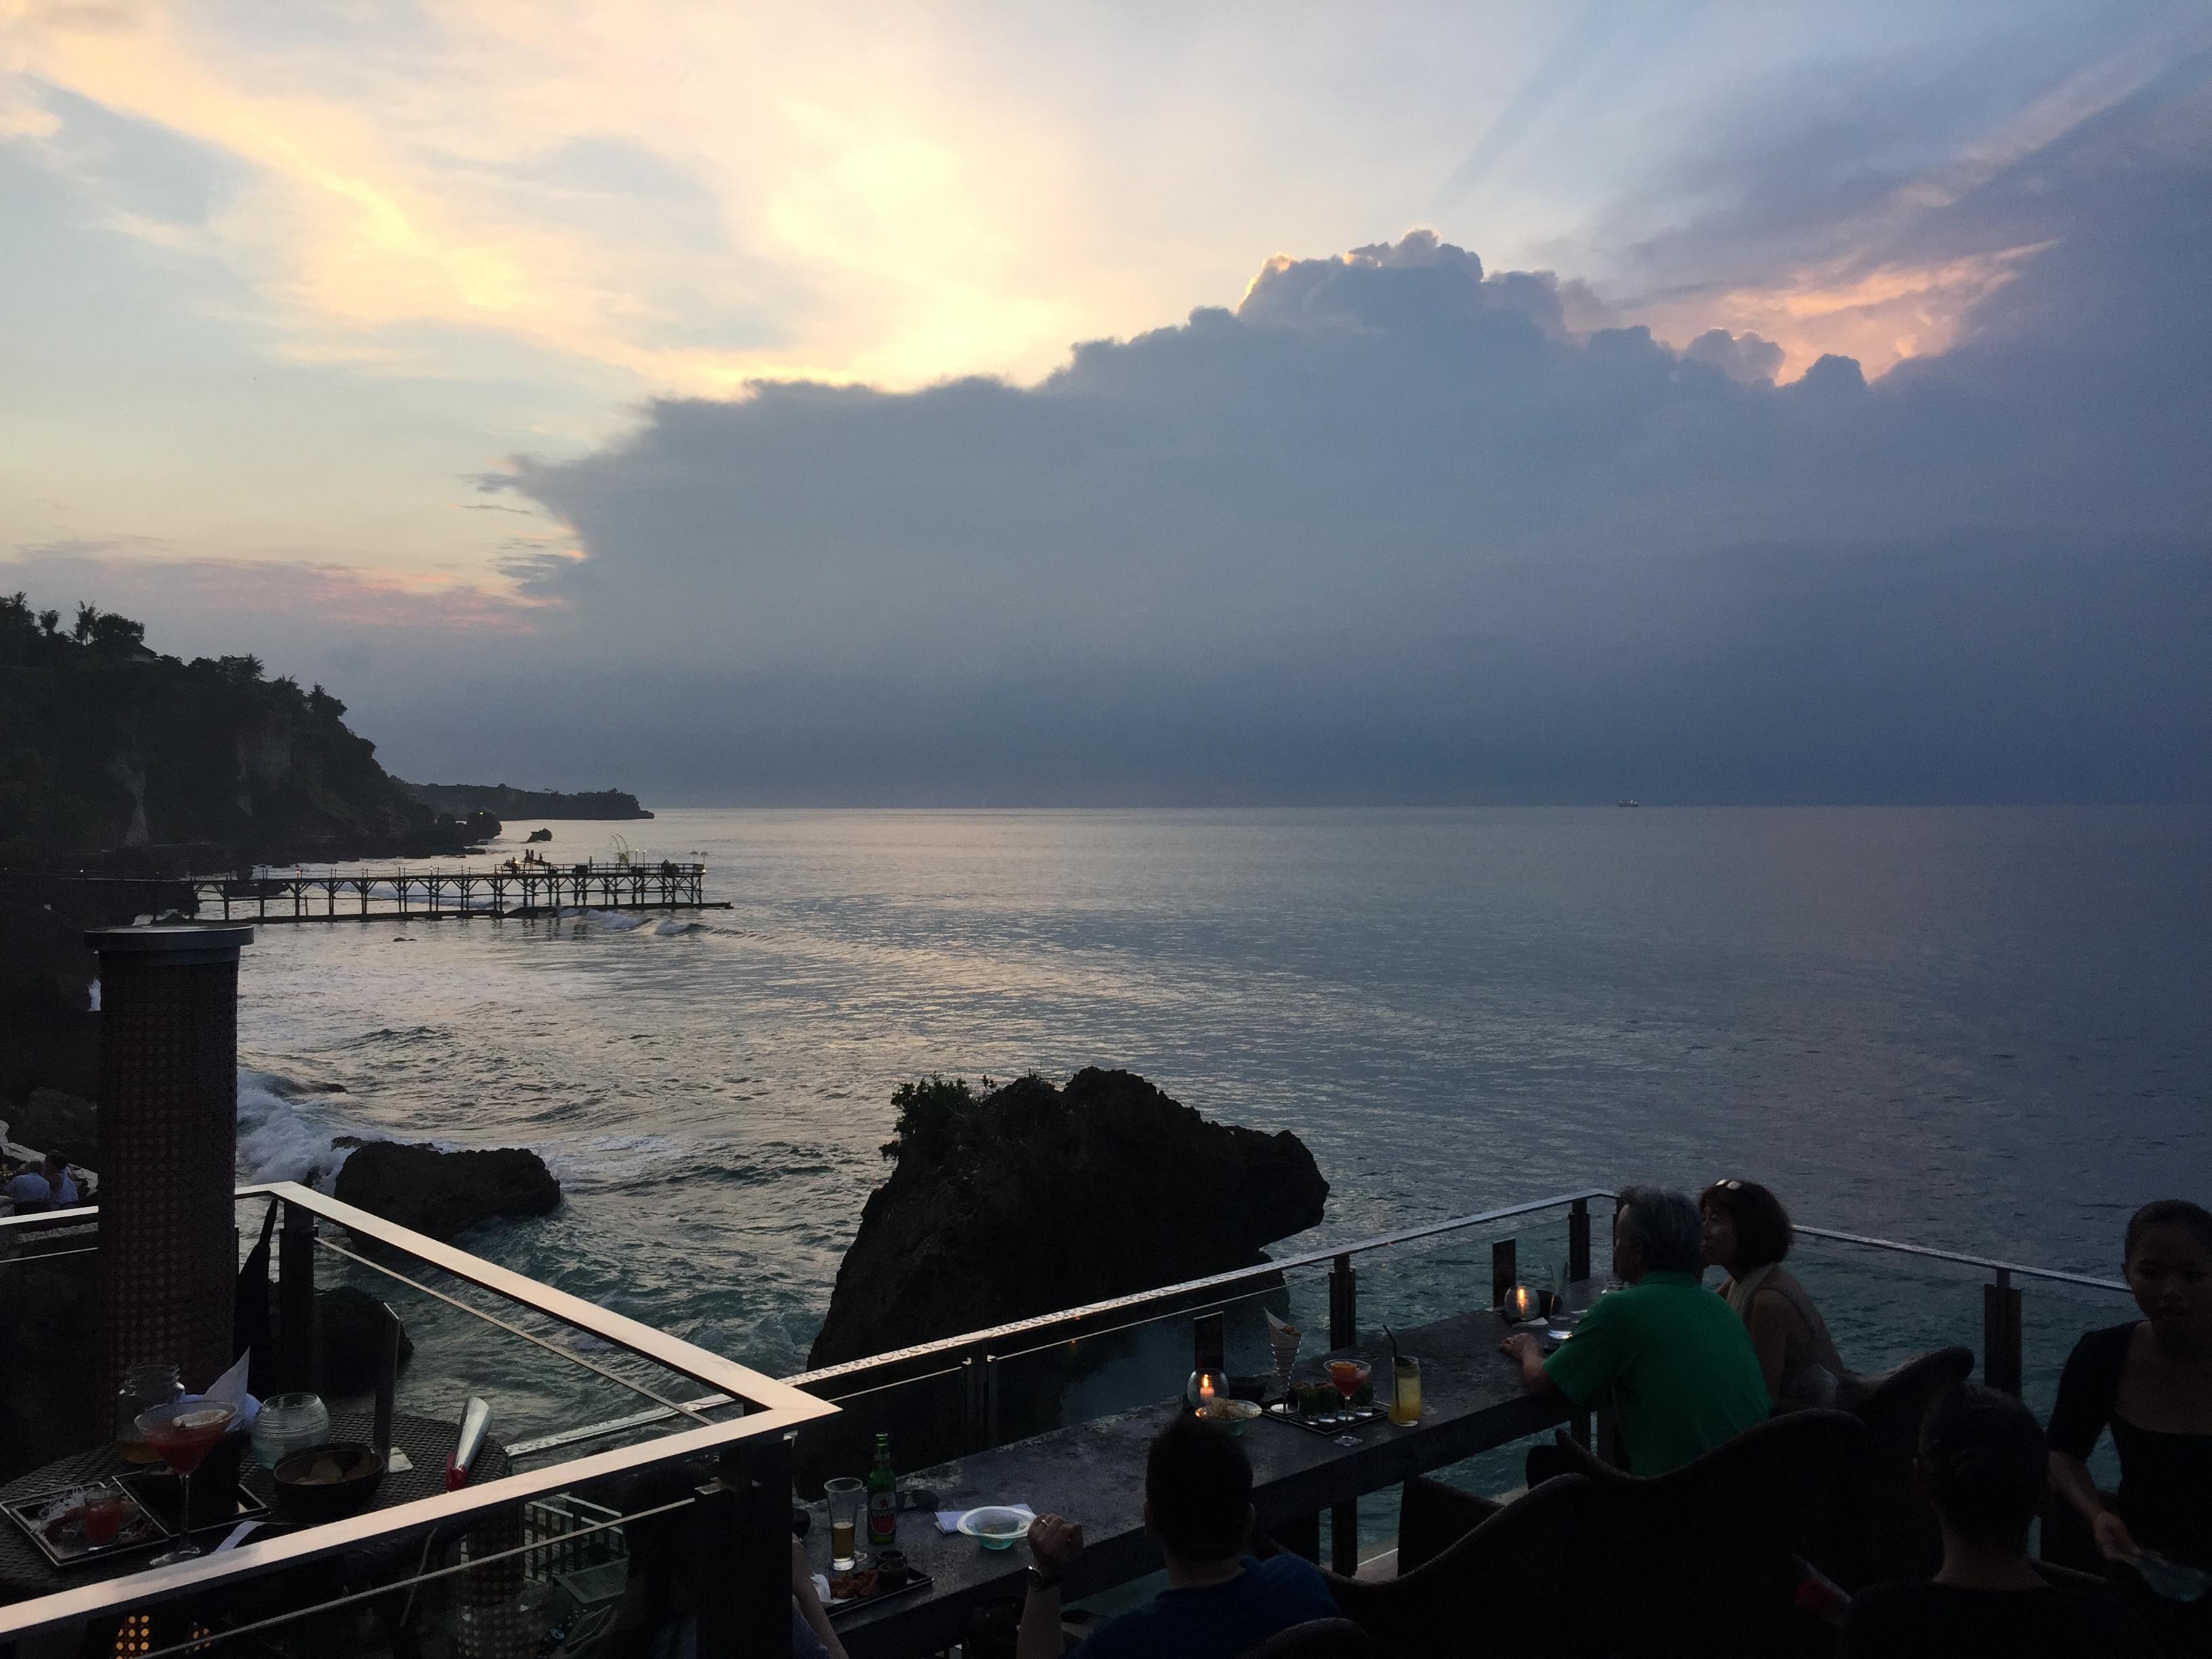 巴厘岛 ayana酒店海洋水池/spa rock bar岩石酒吧鸡尾酒(含优先进入